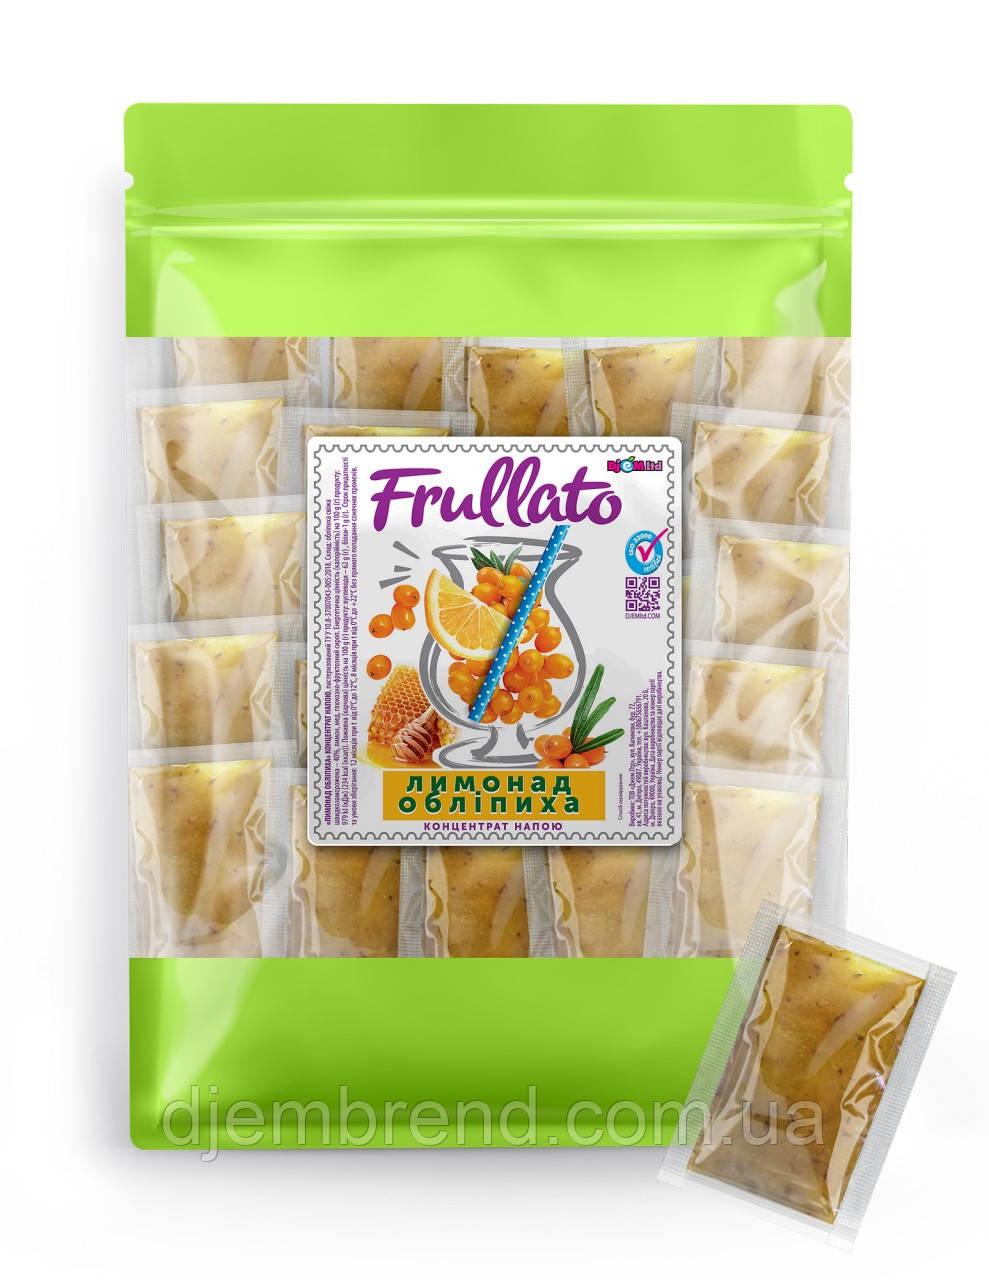 Лимонад облепиха Frullato натуральный, 50 шт х 40 г